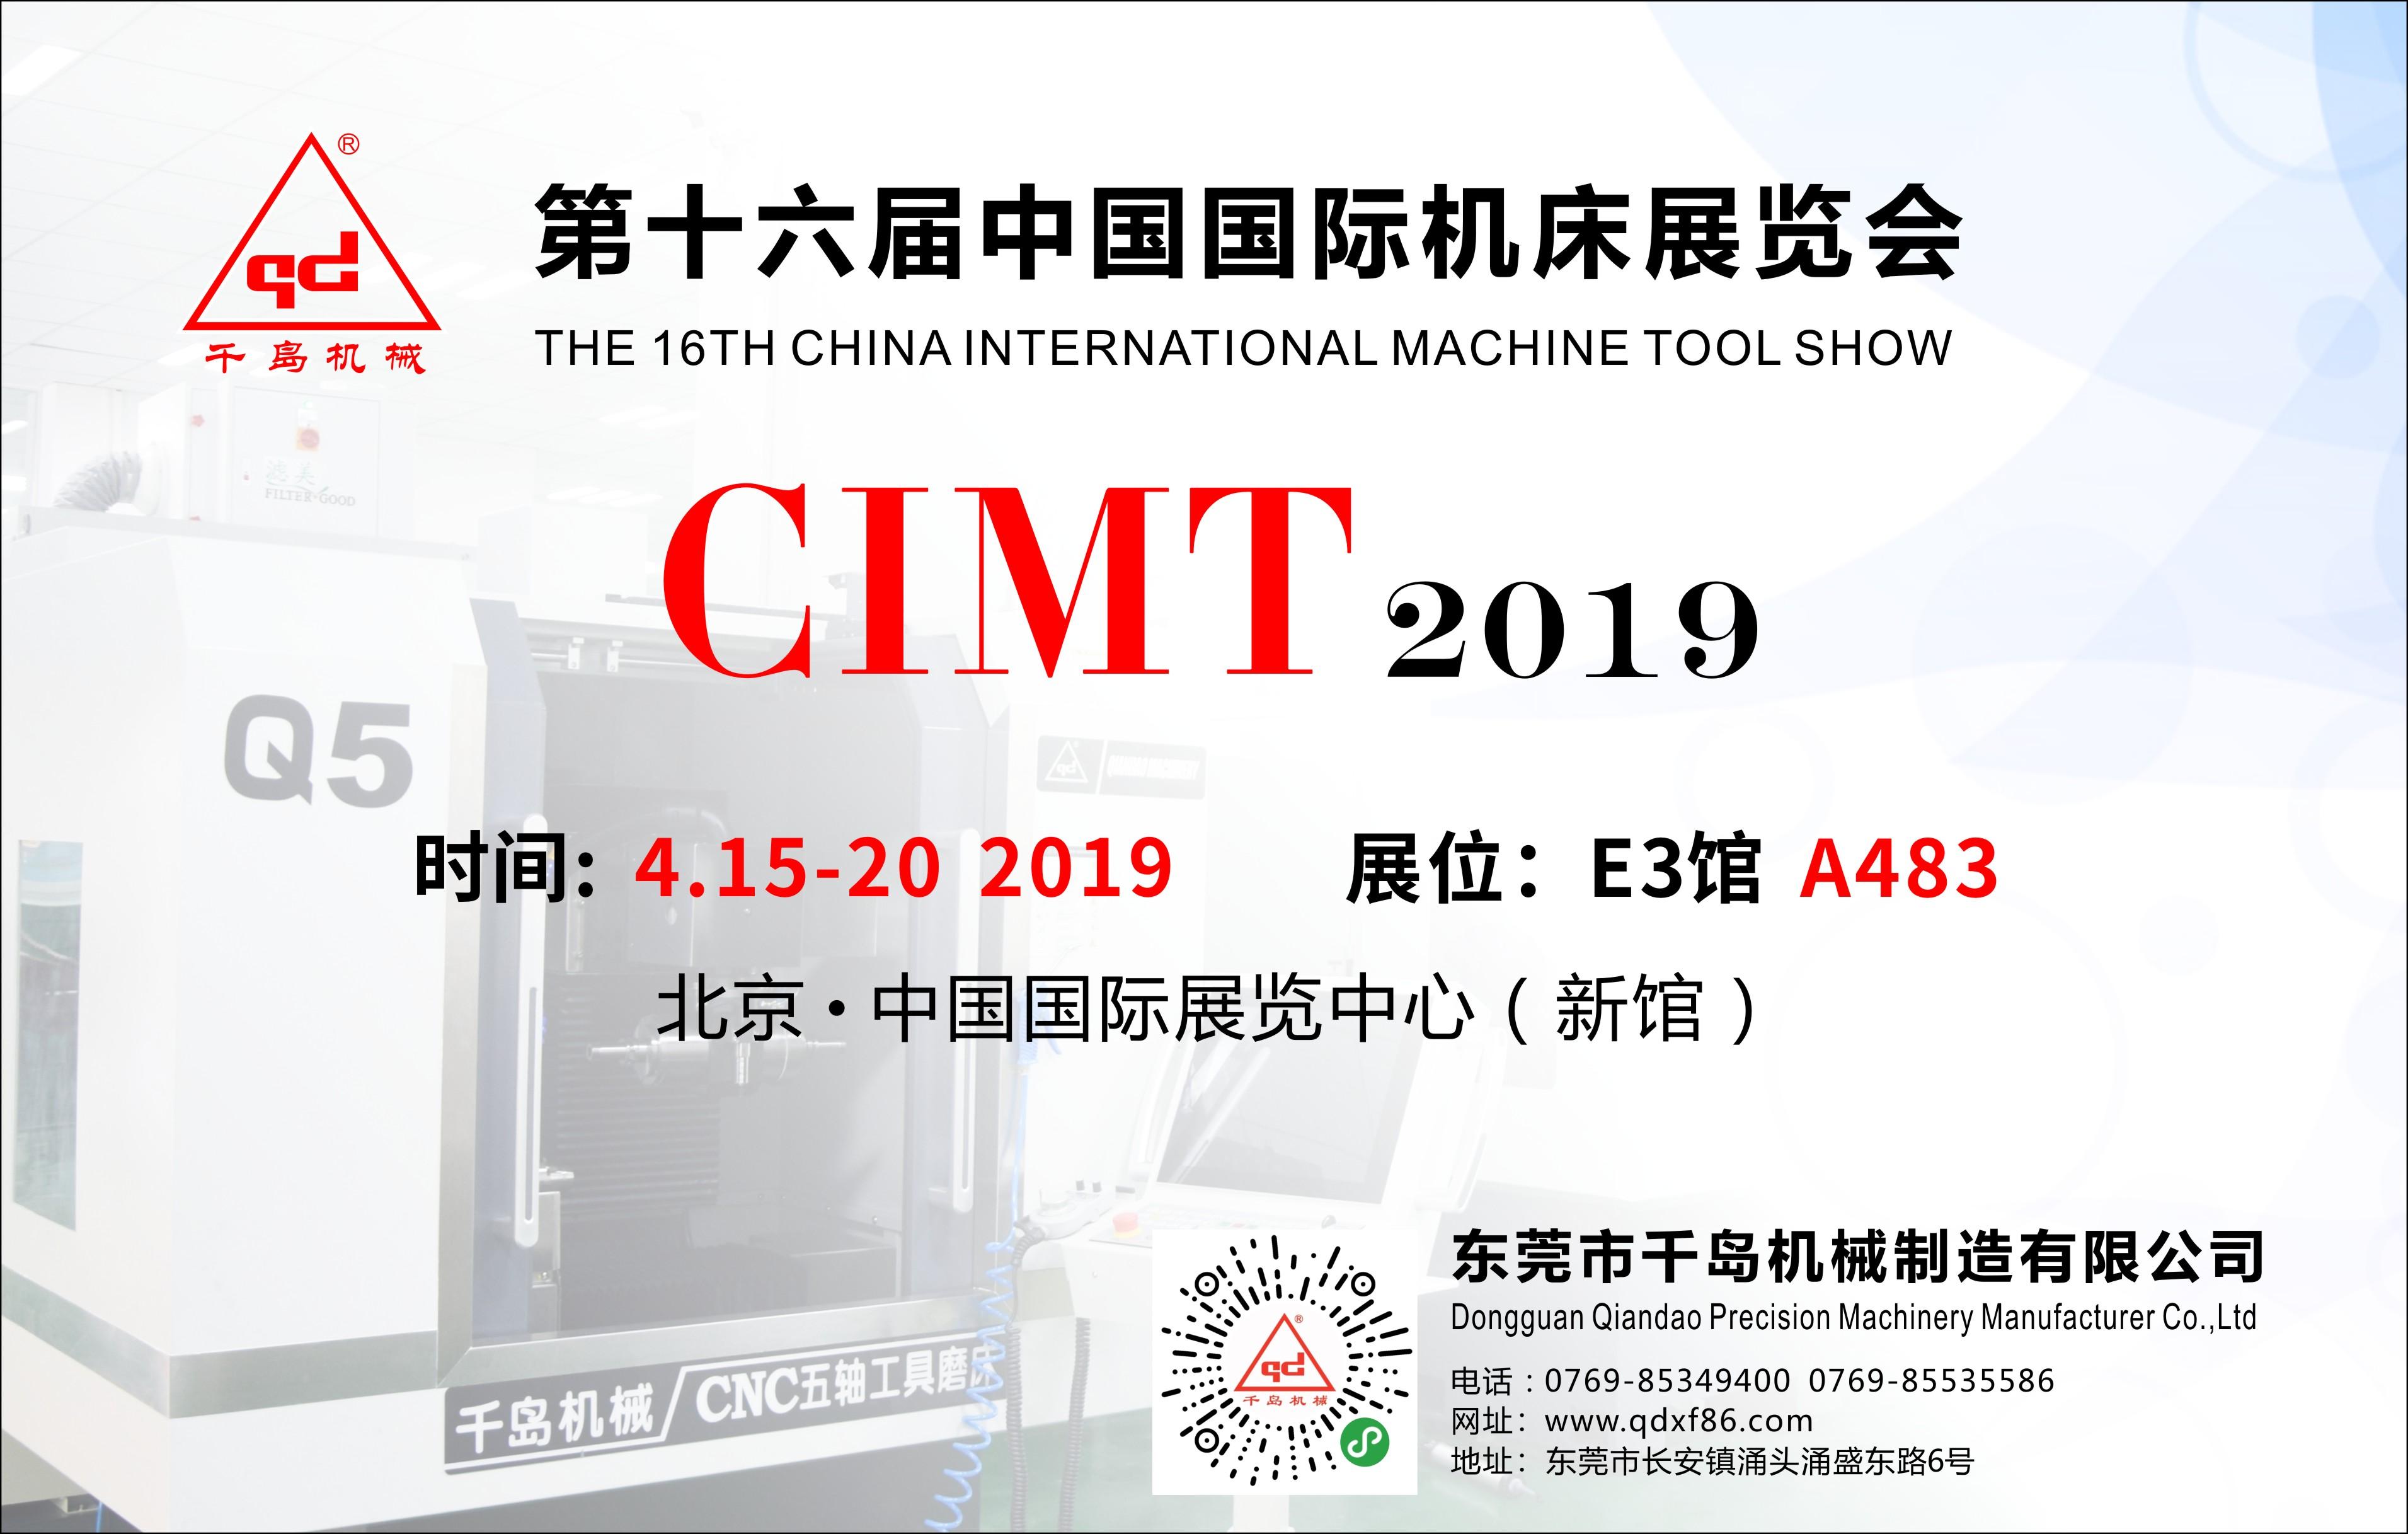 千島機械-第十六屆中國國際機床展覽會